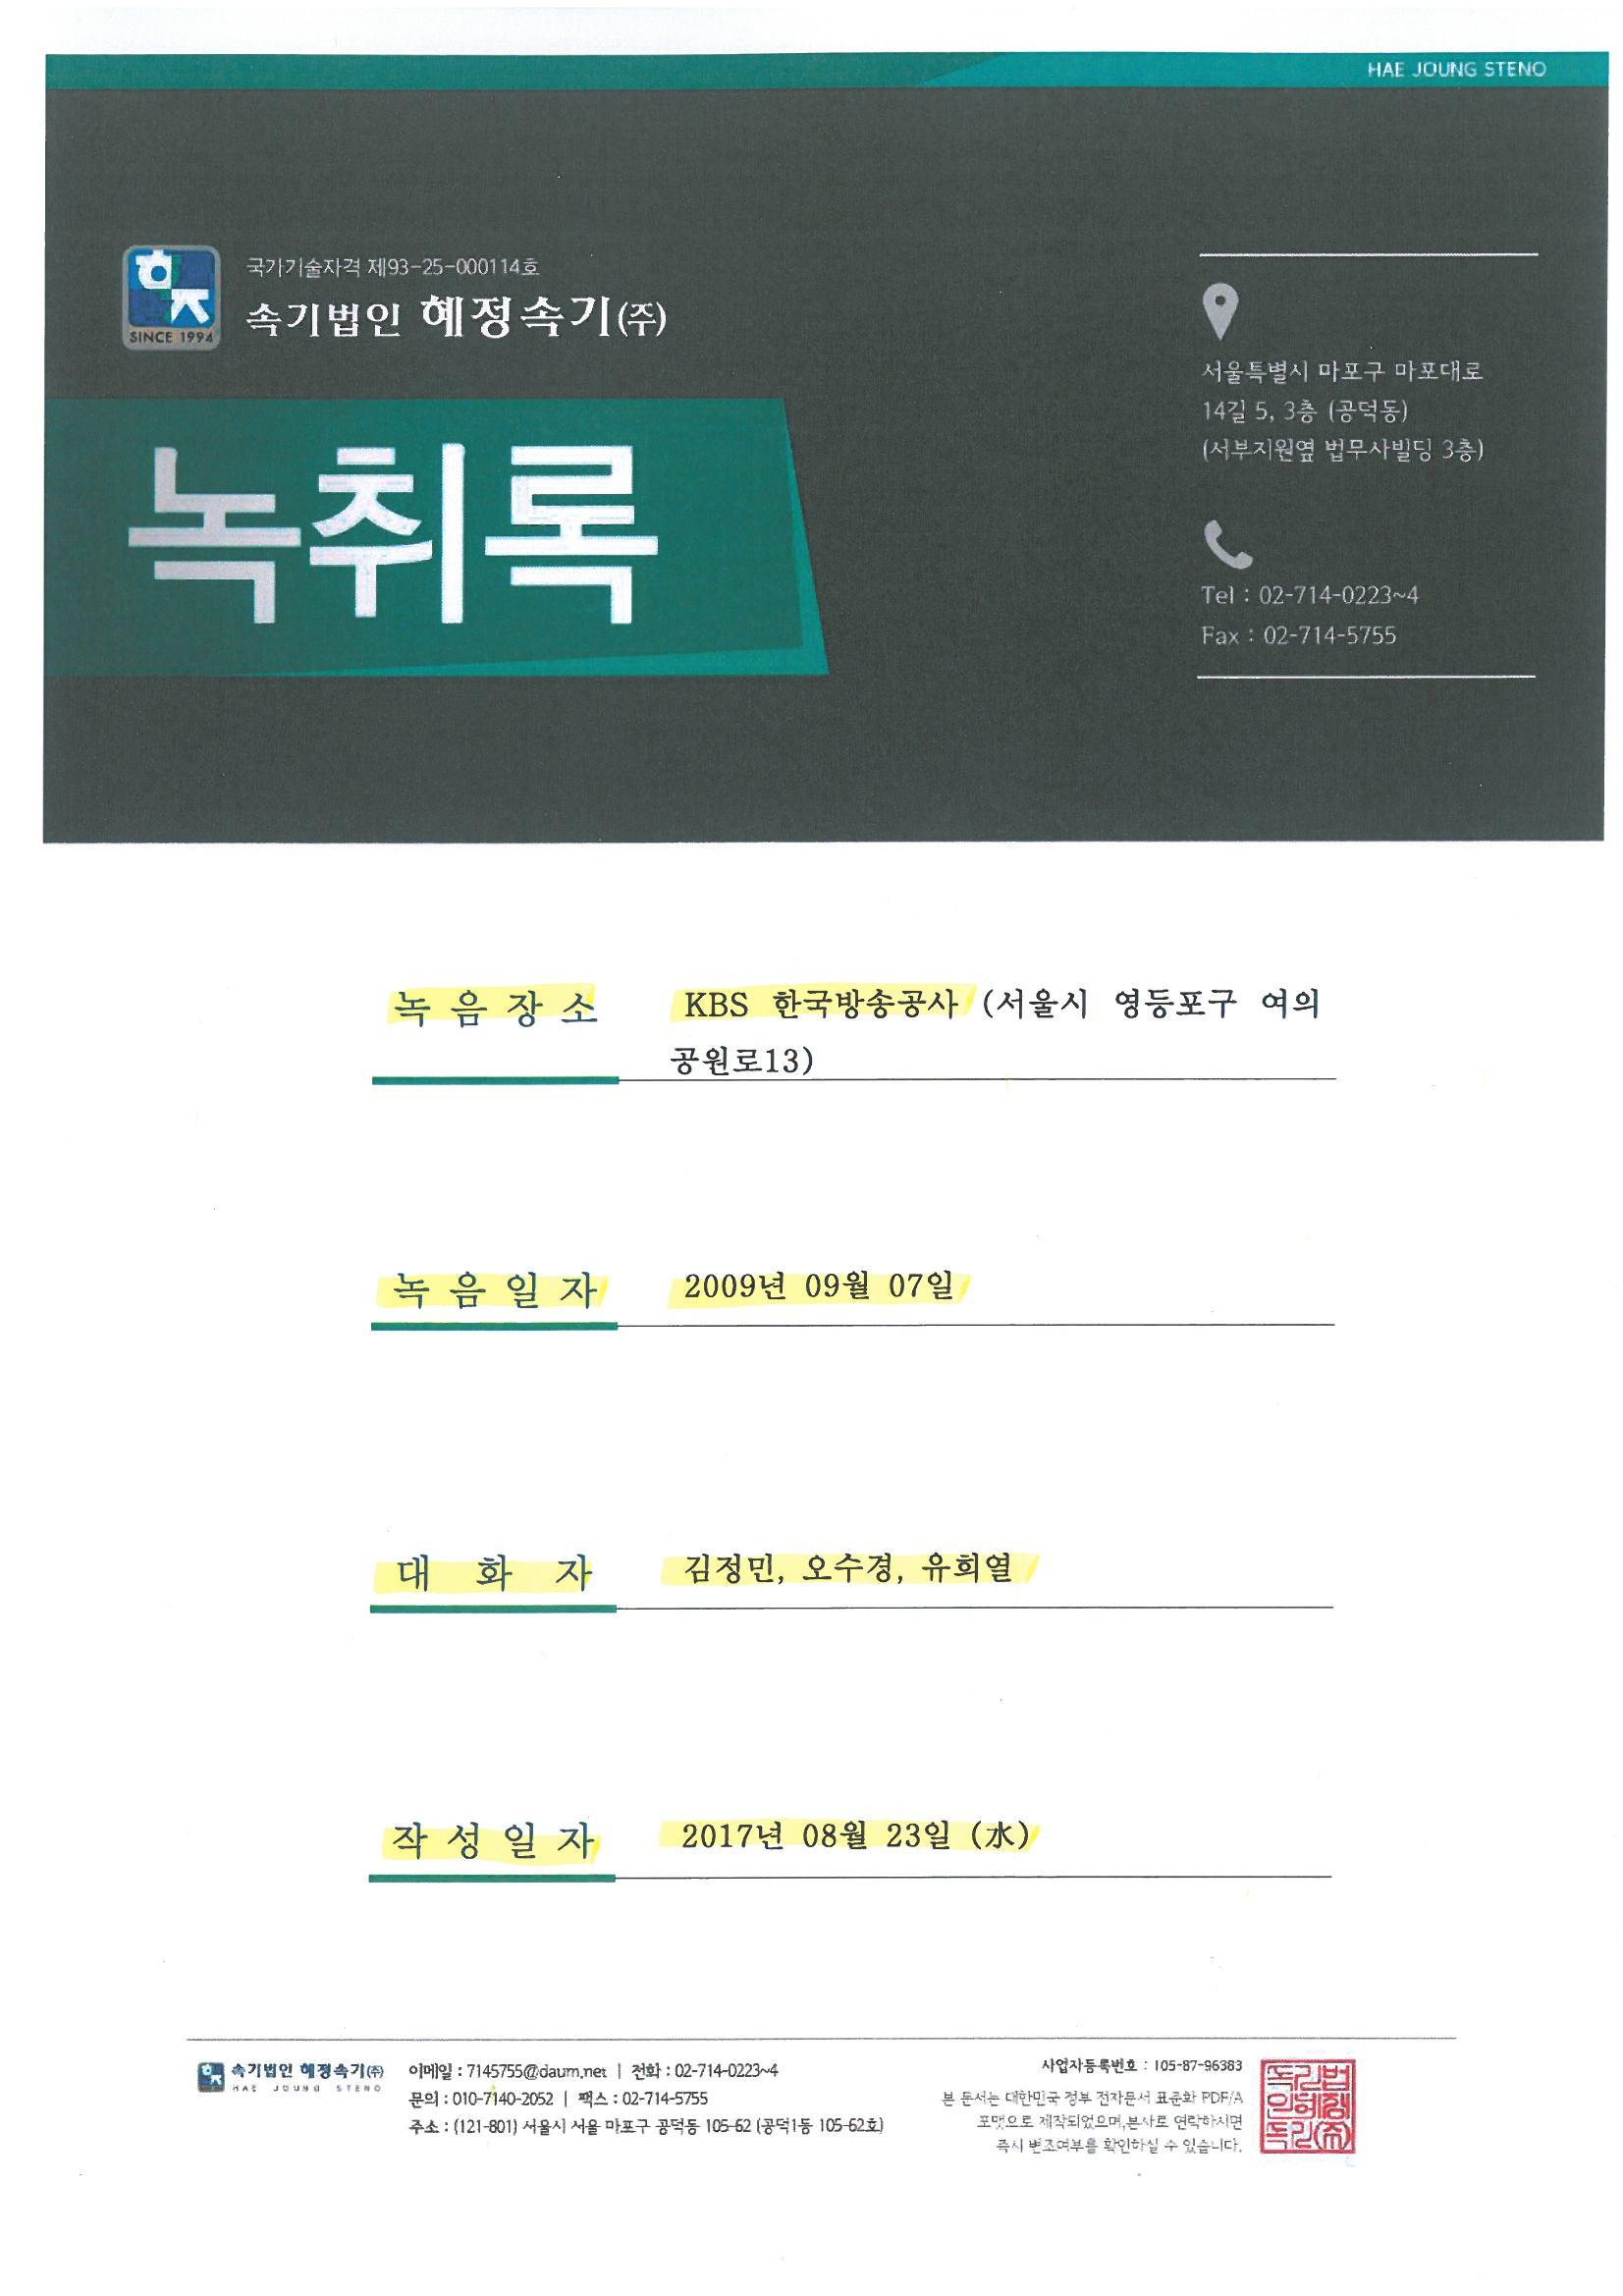 """S#10. """"갑제6호증의1-유희열의라디오천국 녹취록"""""""